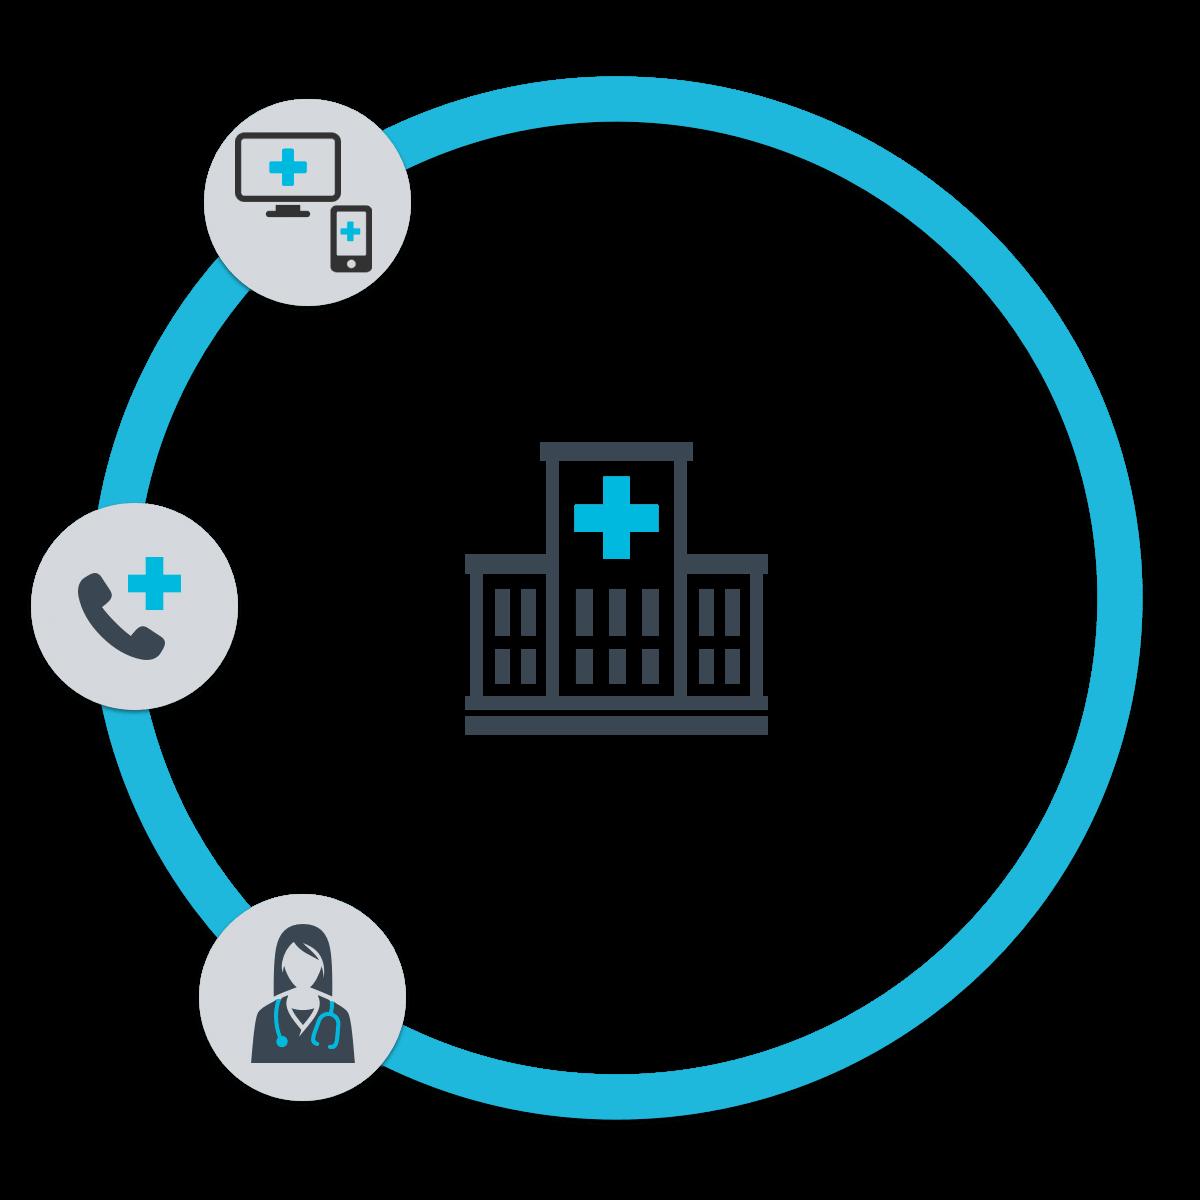 enterprise-solution graphic